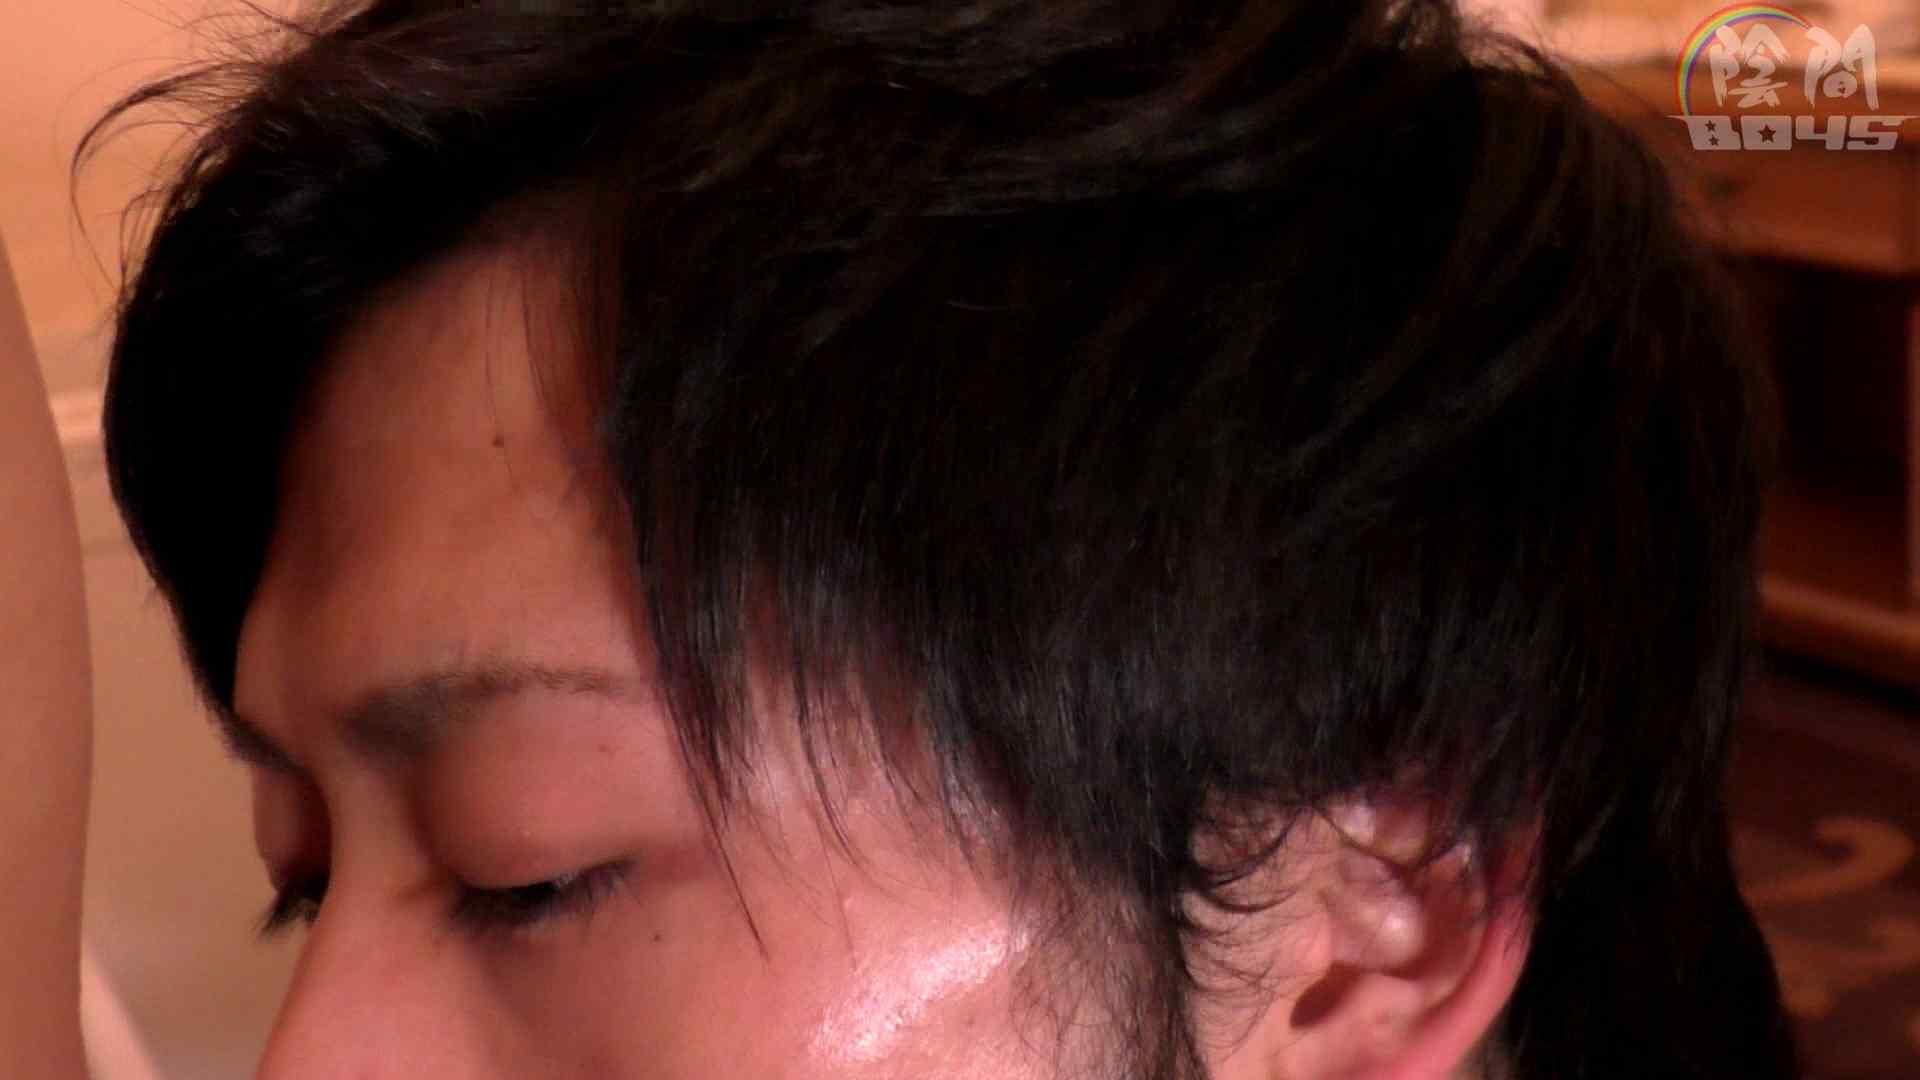 陰間BOYS~AV男優面接2、俺のアナルが…~04 セックス ゲイヌード画像 7枚 5